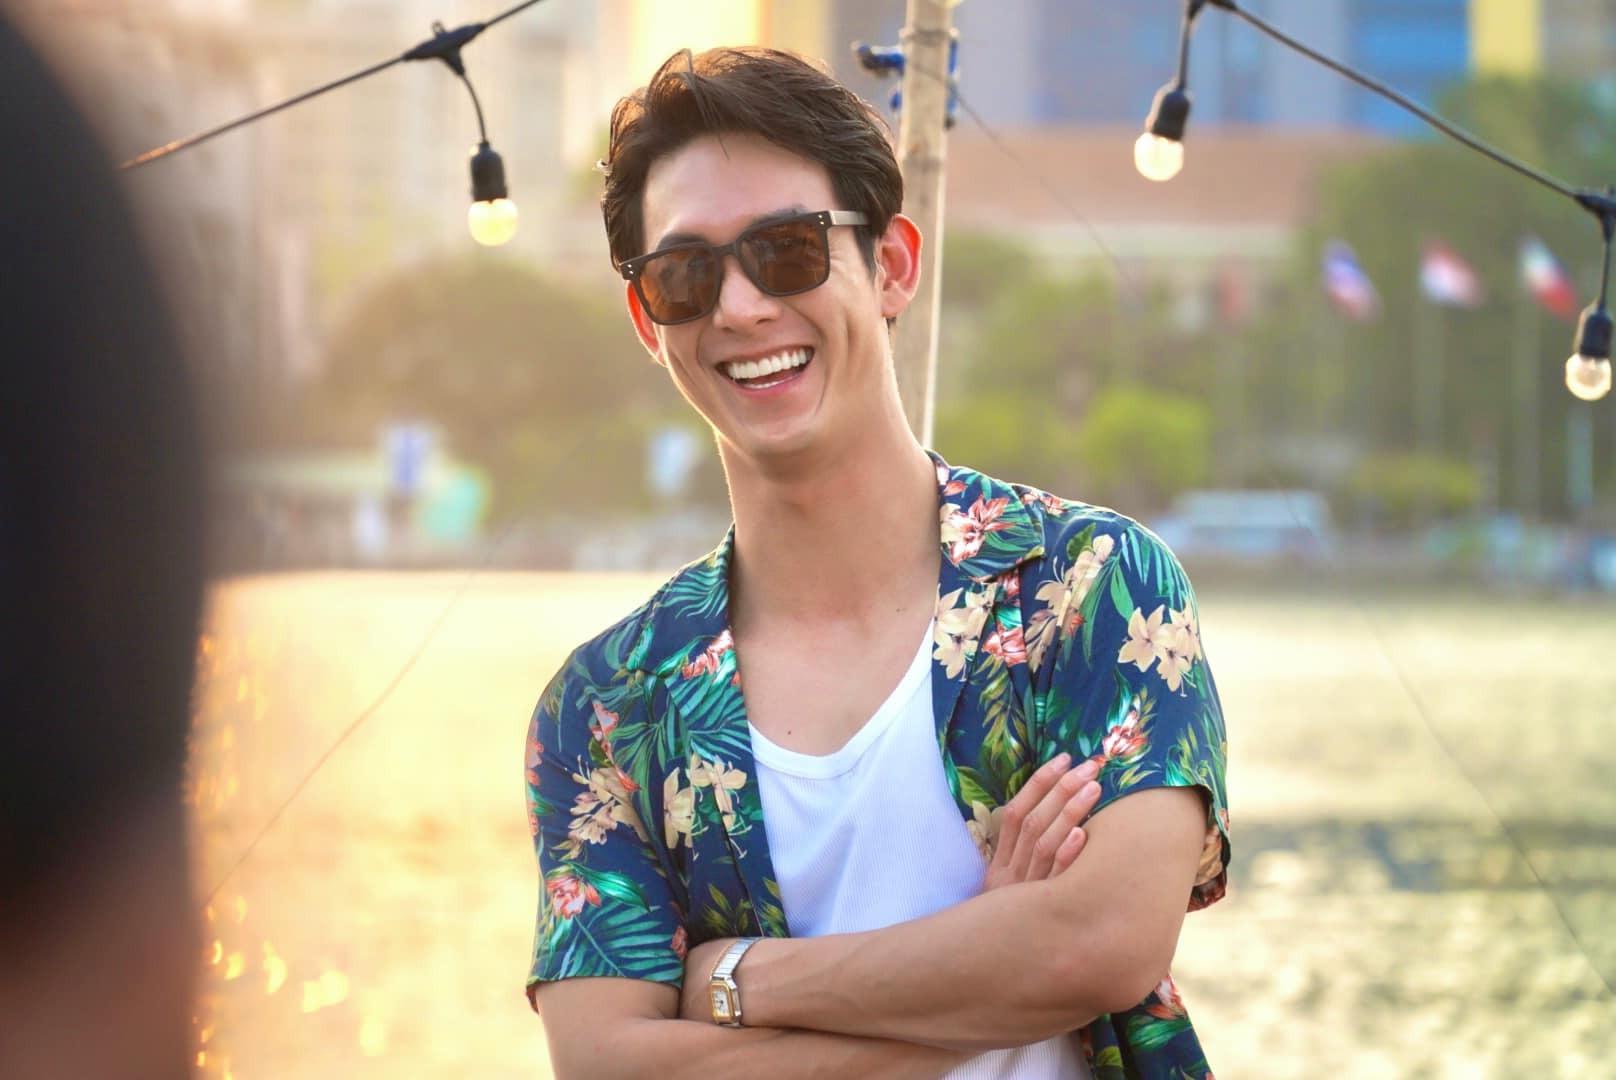 Như nhiều đồng nghiệp, ca sĩ - diễn viên Song Luân bị hủy hết lịch quay quay quảng cáo. Hiện tại, anh dành thời gian ở nhà nghiên cứu kịch bản mới và chuẩn bị cho dự án âm nhạc cá nhân.